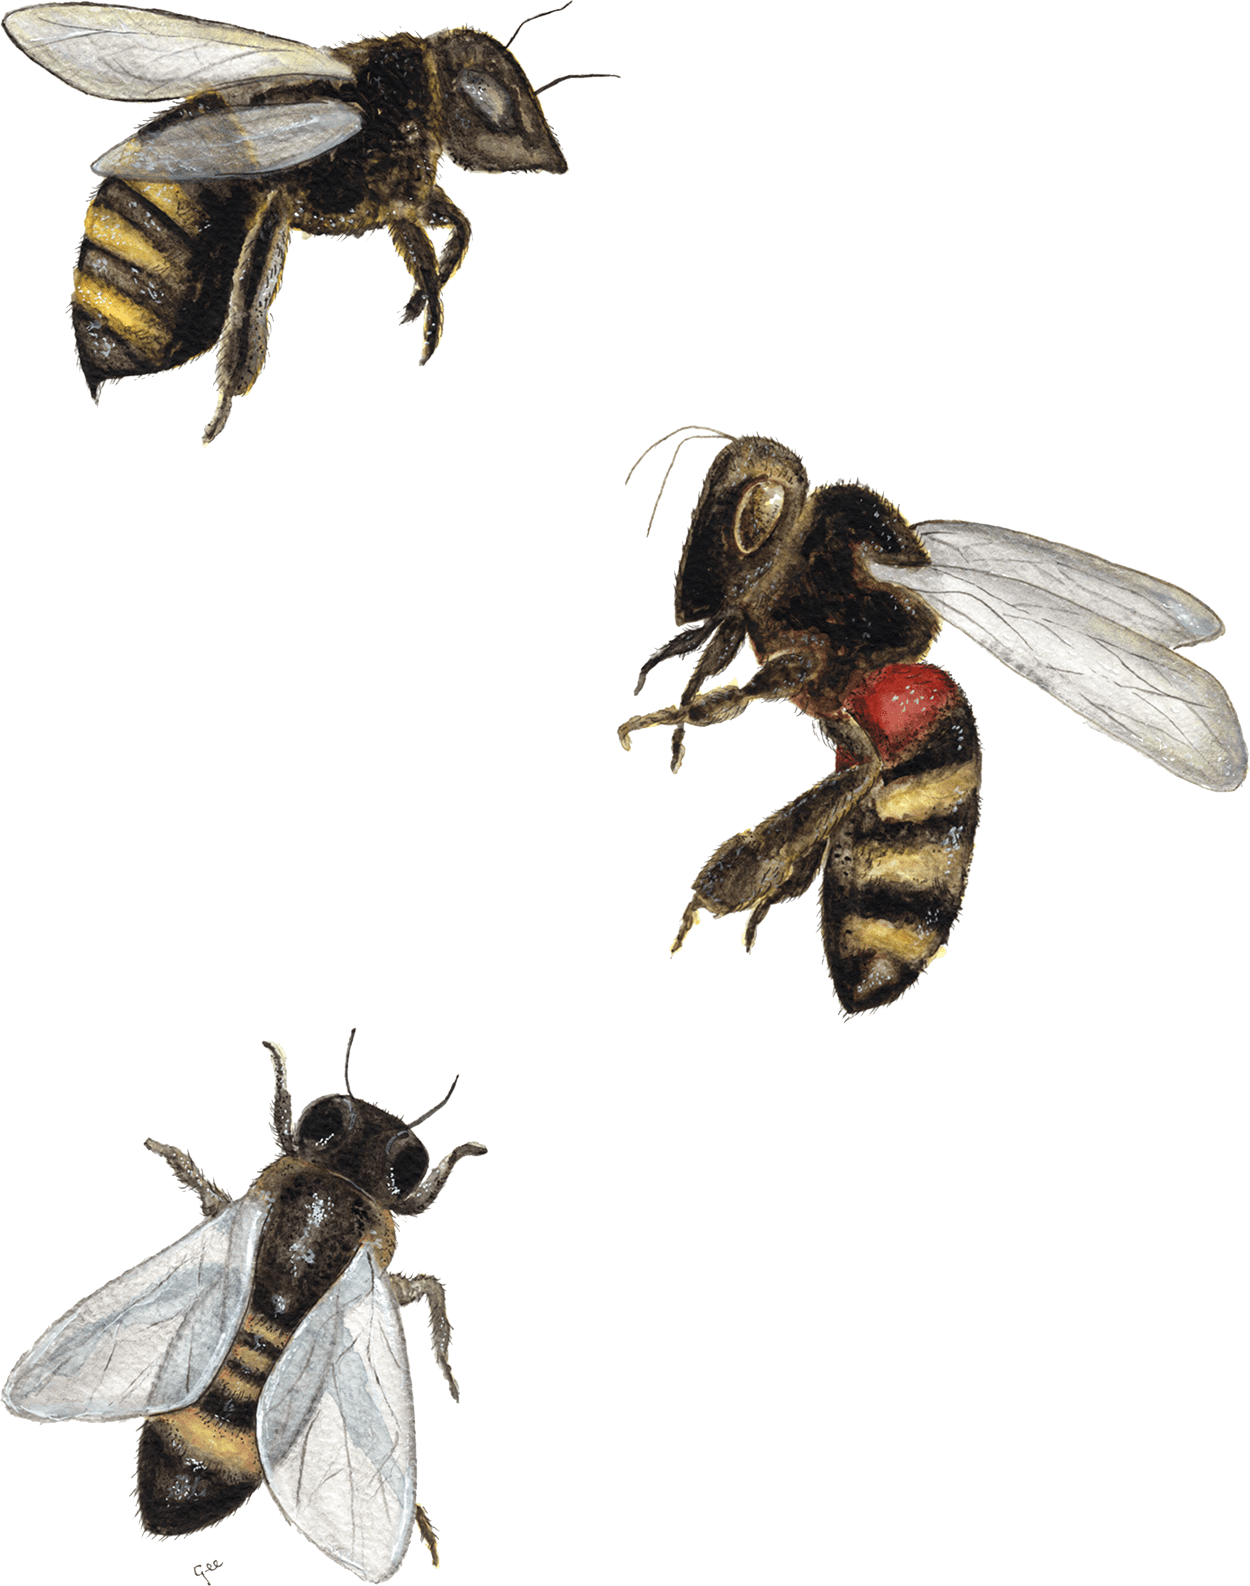 rode dwergbij zwarte dwergbij honingbij bijen